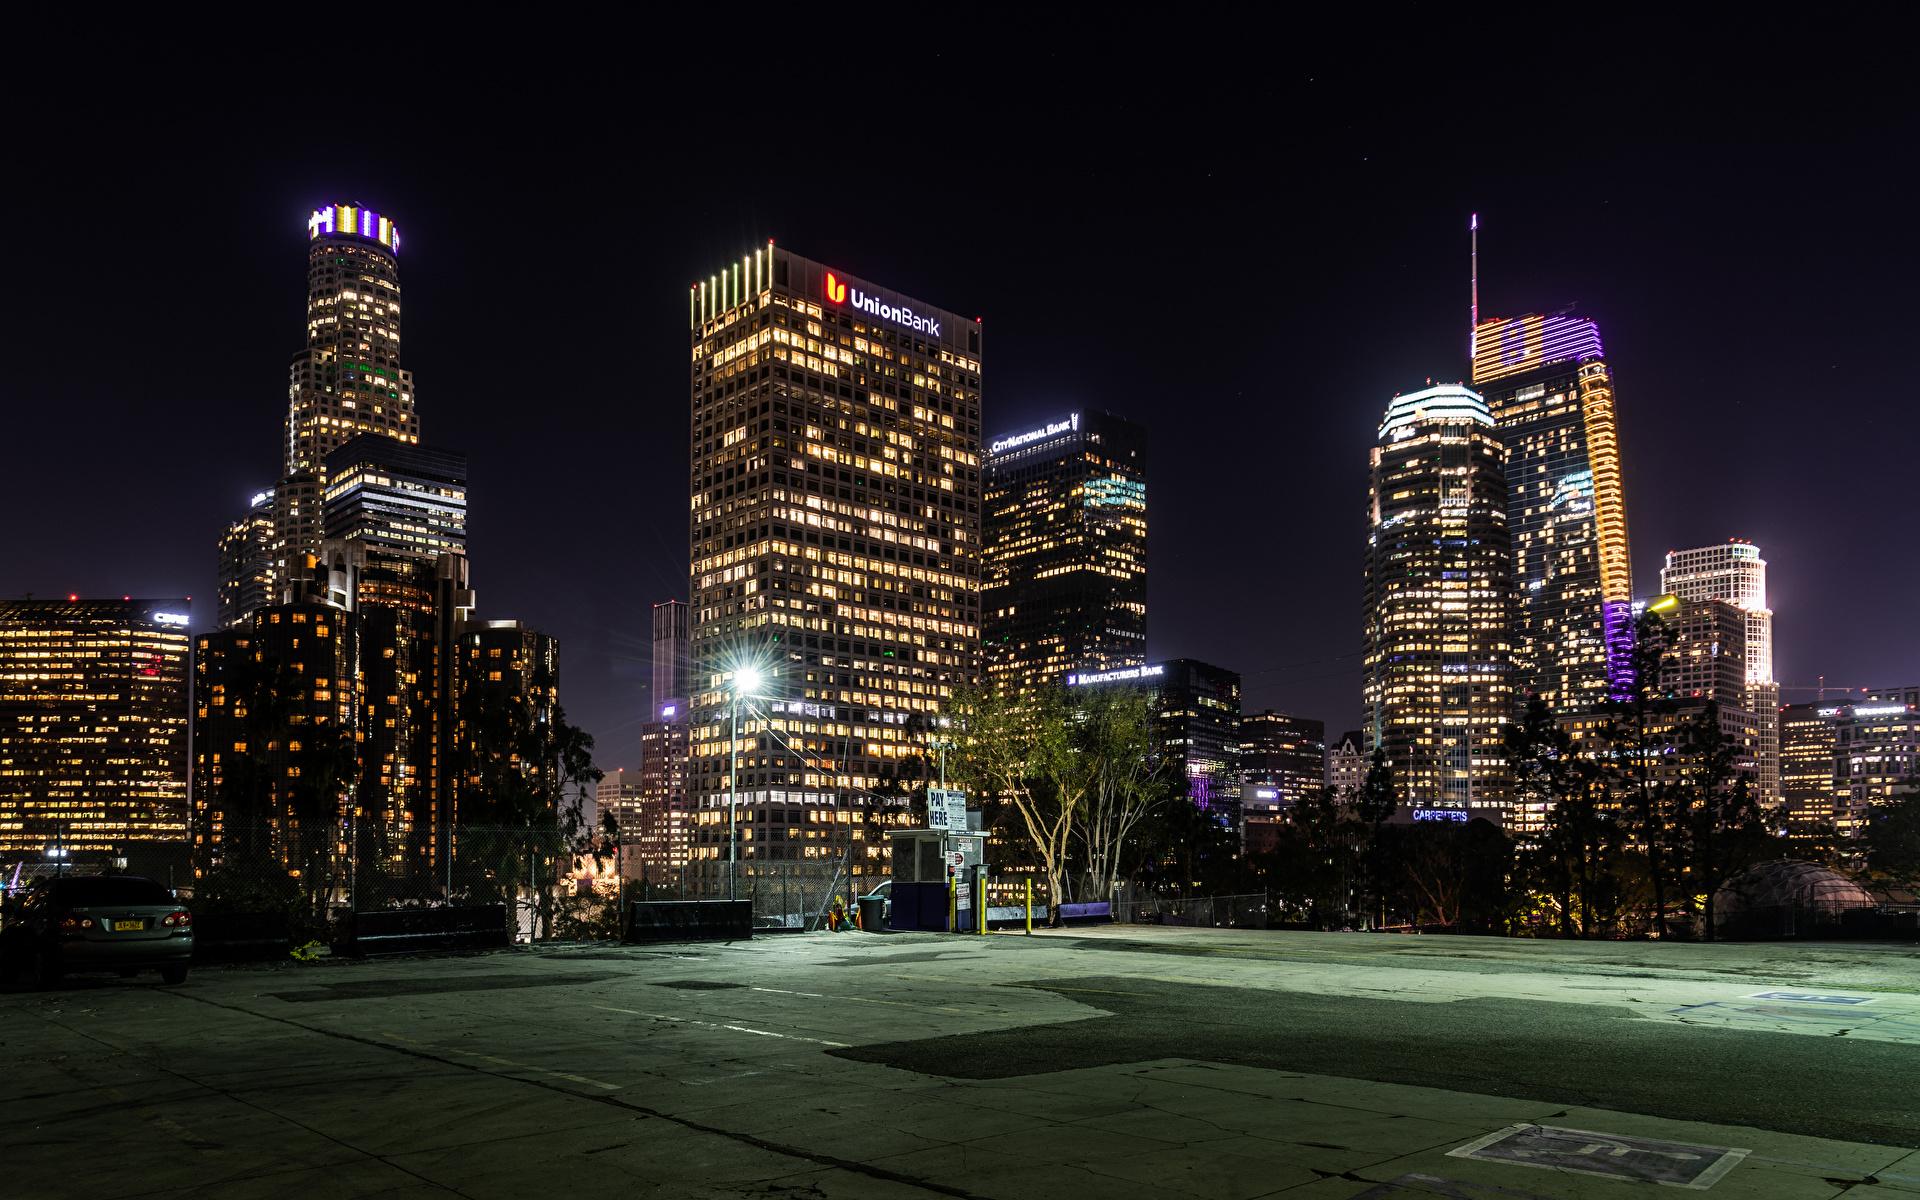 Обои для рабочего стола Лос-Анджелес США Вечер Уличные фонари Дома Города 1920x1200 штаты америка город Здания